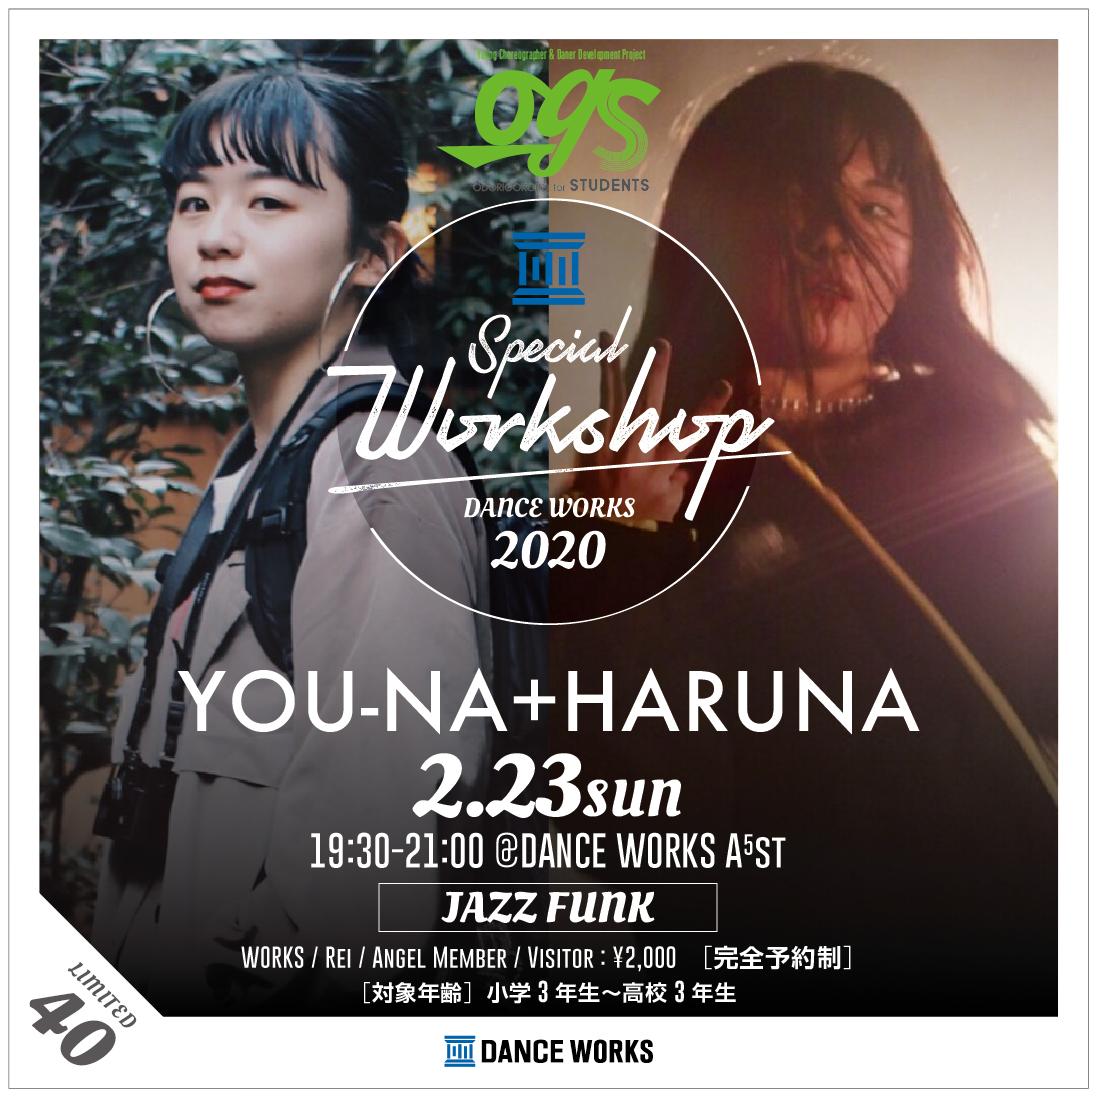 【YOU-NA+HARUNA】 JAZZ FUNKワークショップ開催!!<